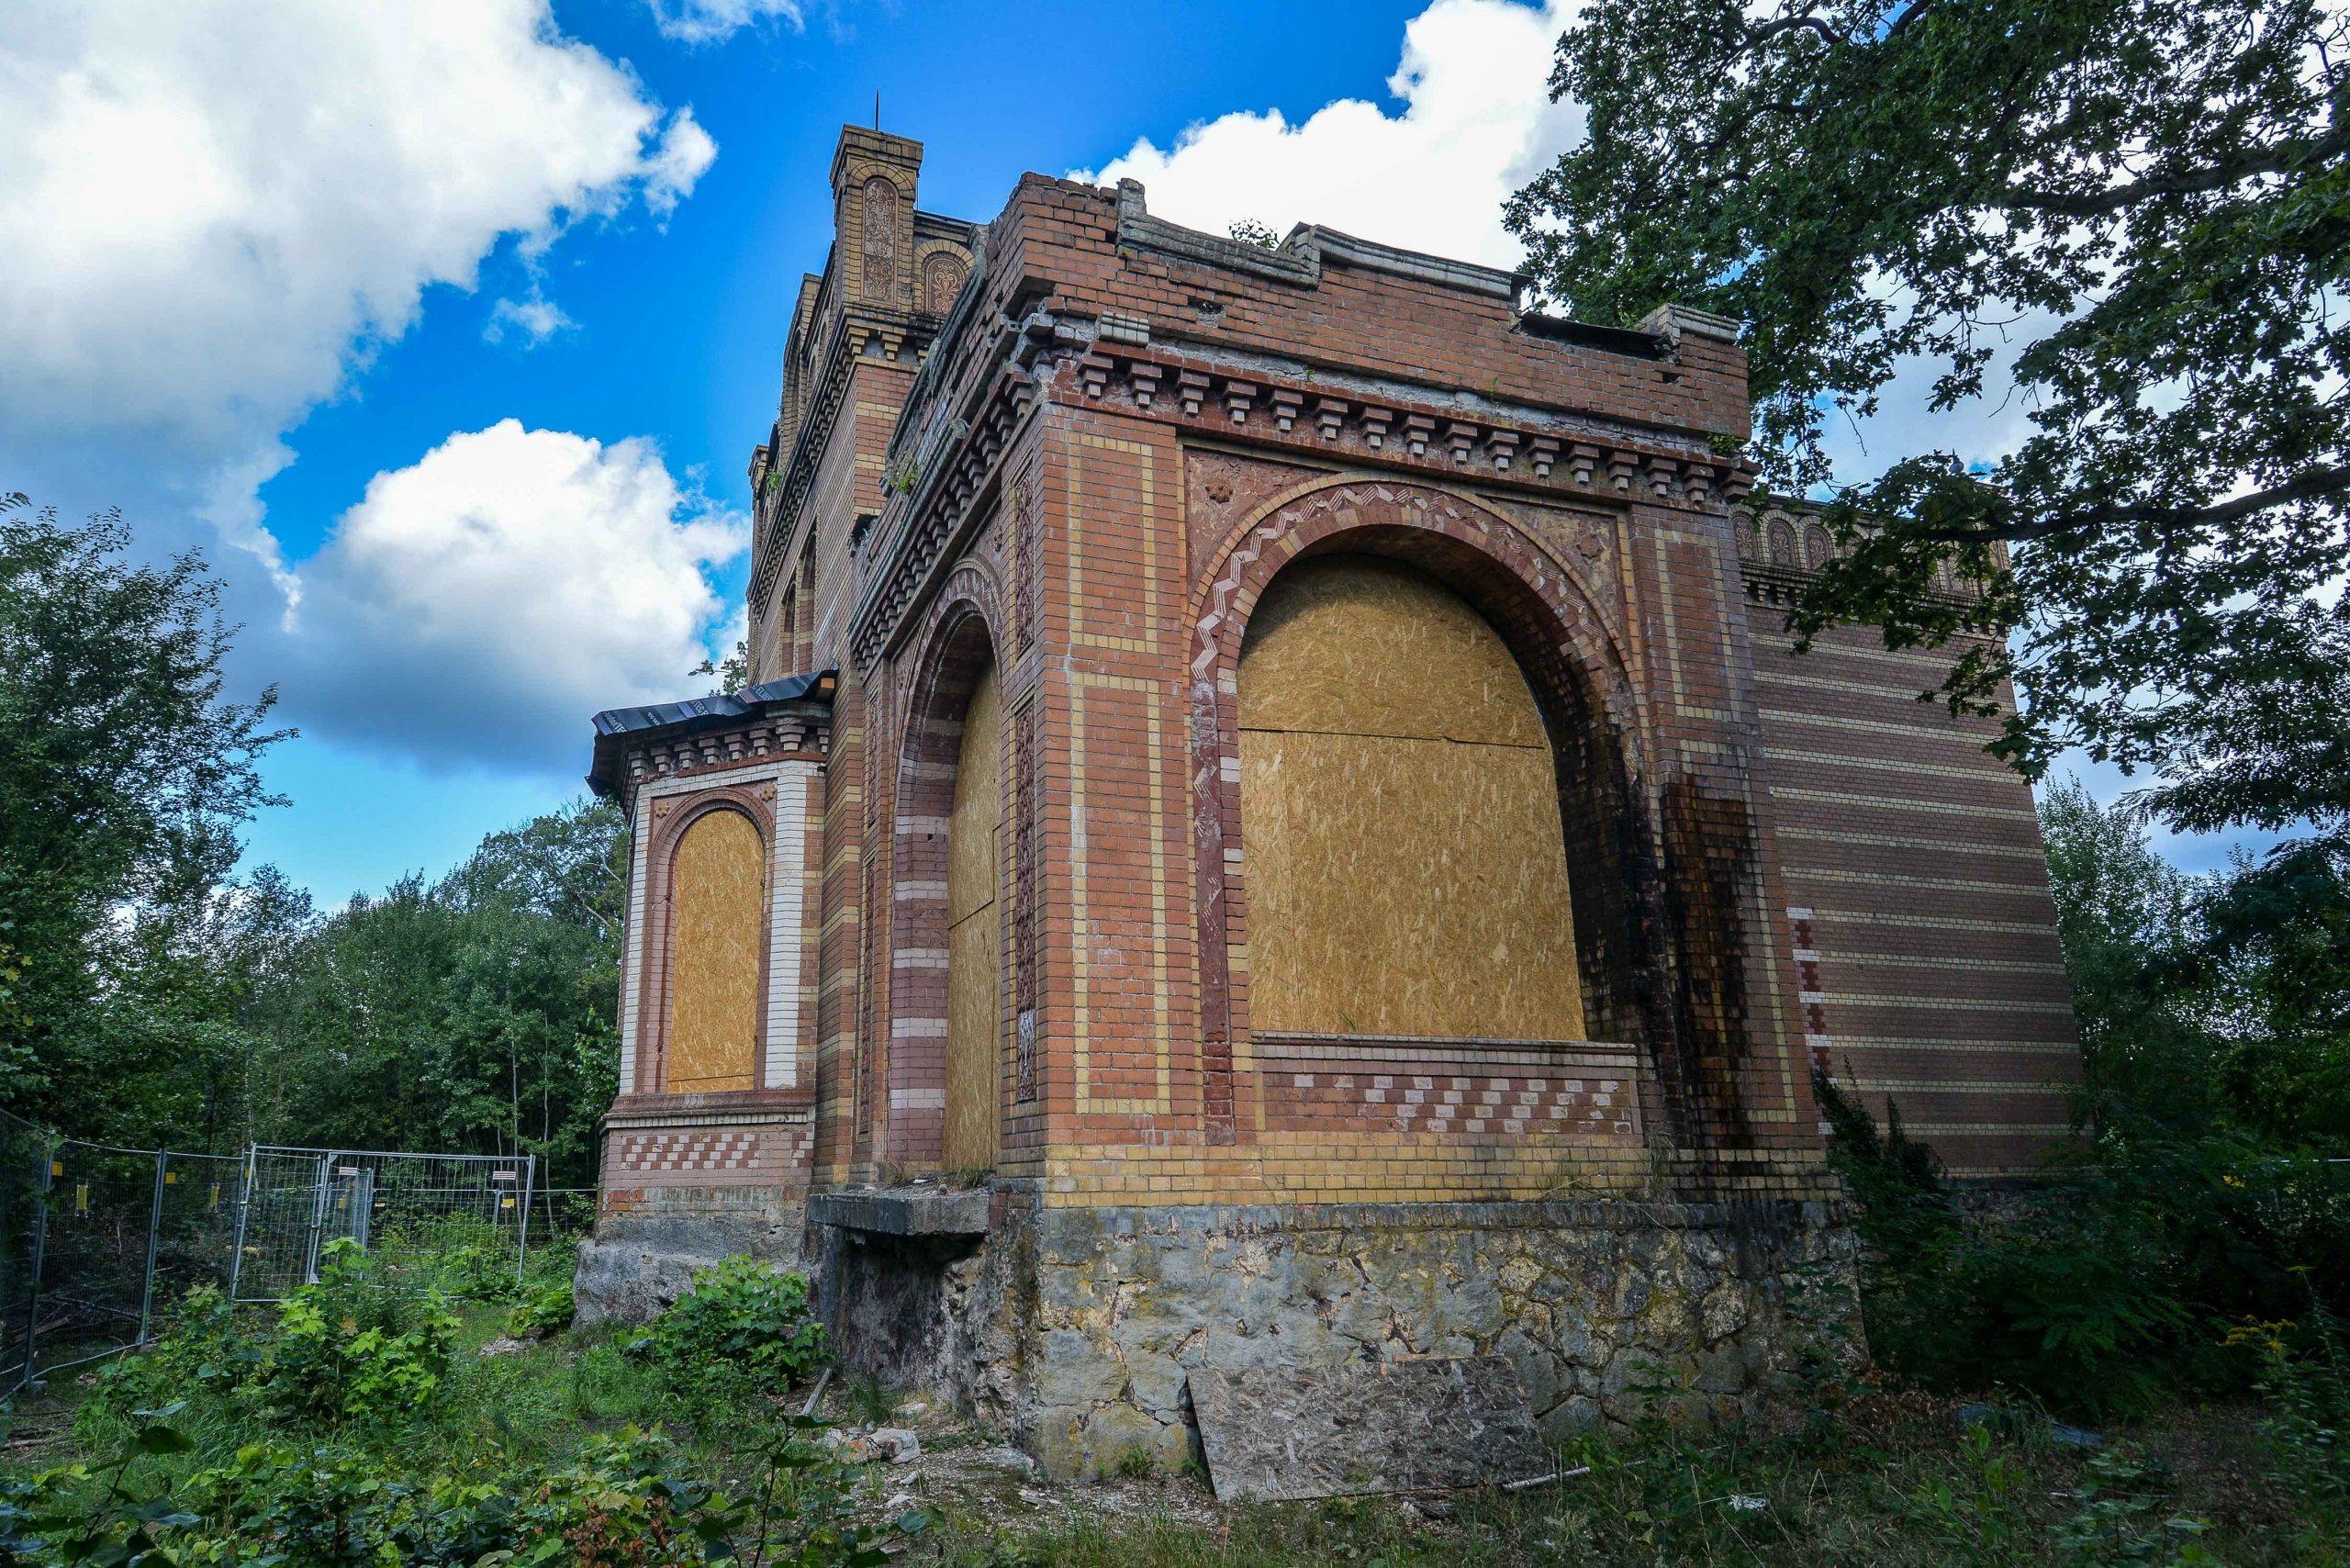 seiten fenster architektur historischer orientalismus herrenhaus gentzrode lost places brandenburg neuruppin gut gentzrode ost deutschland urbex abandoned